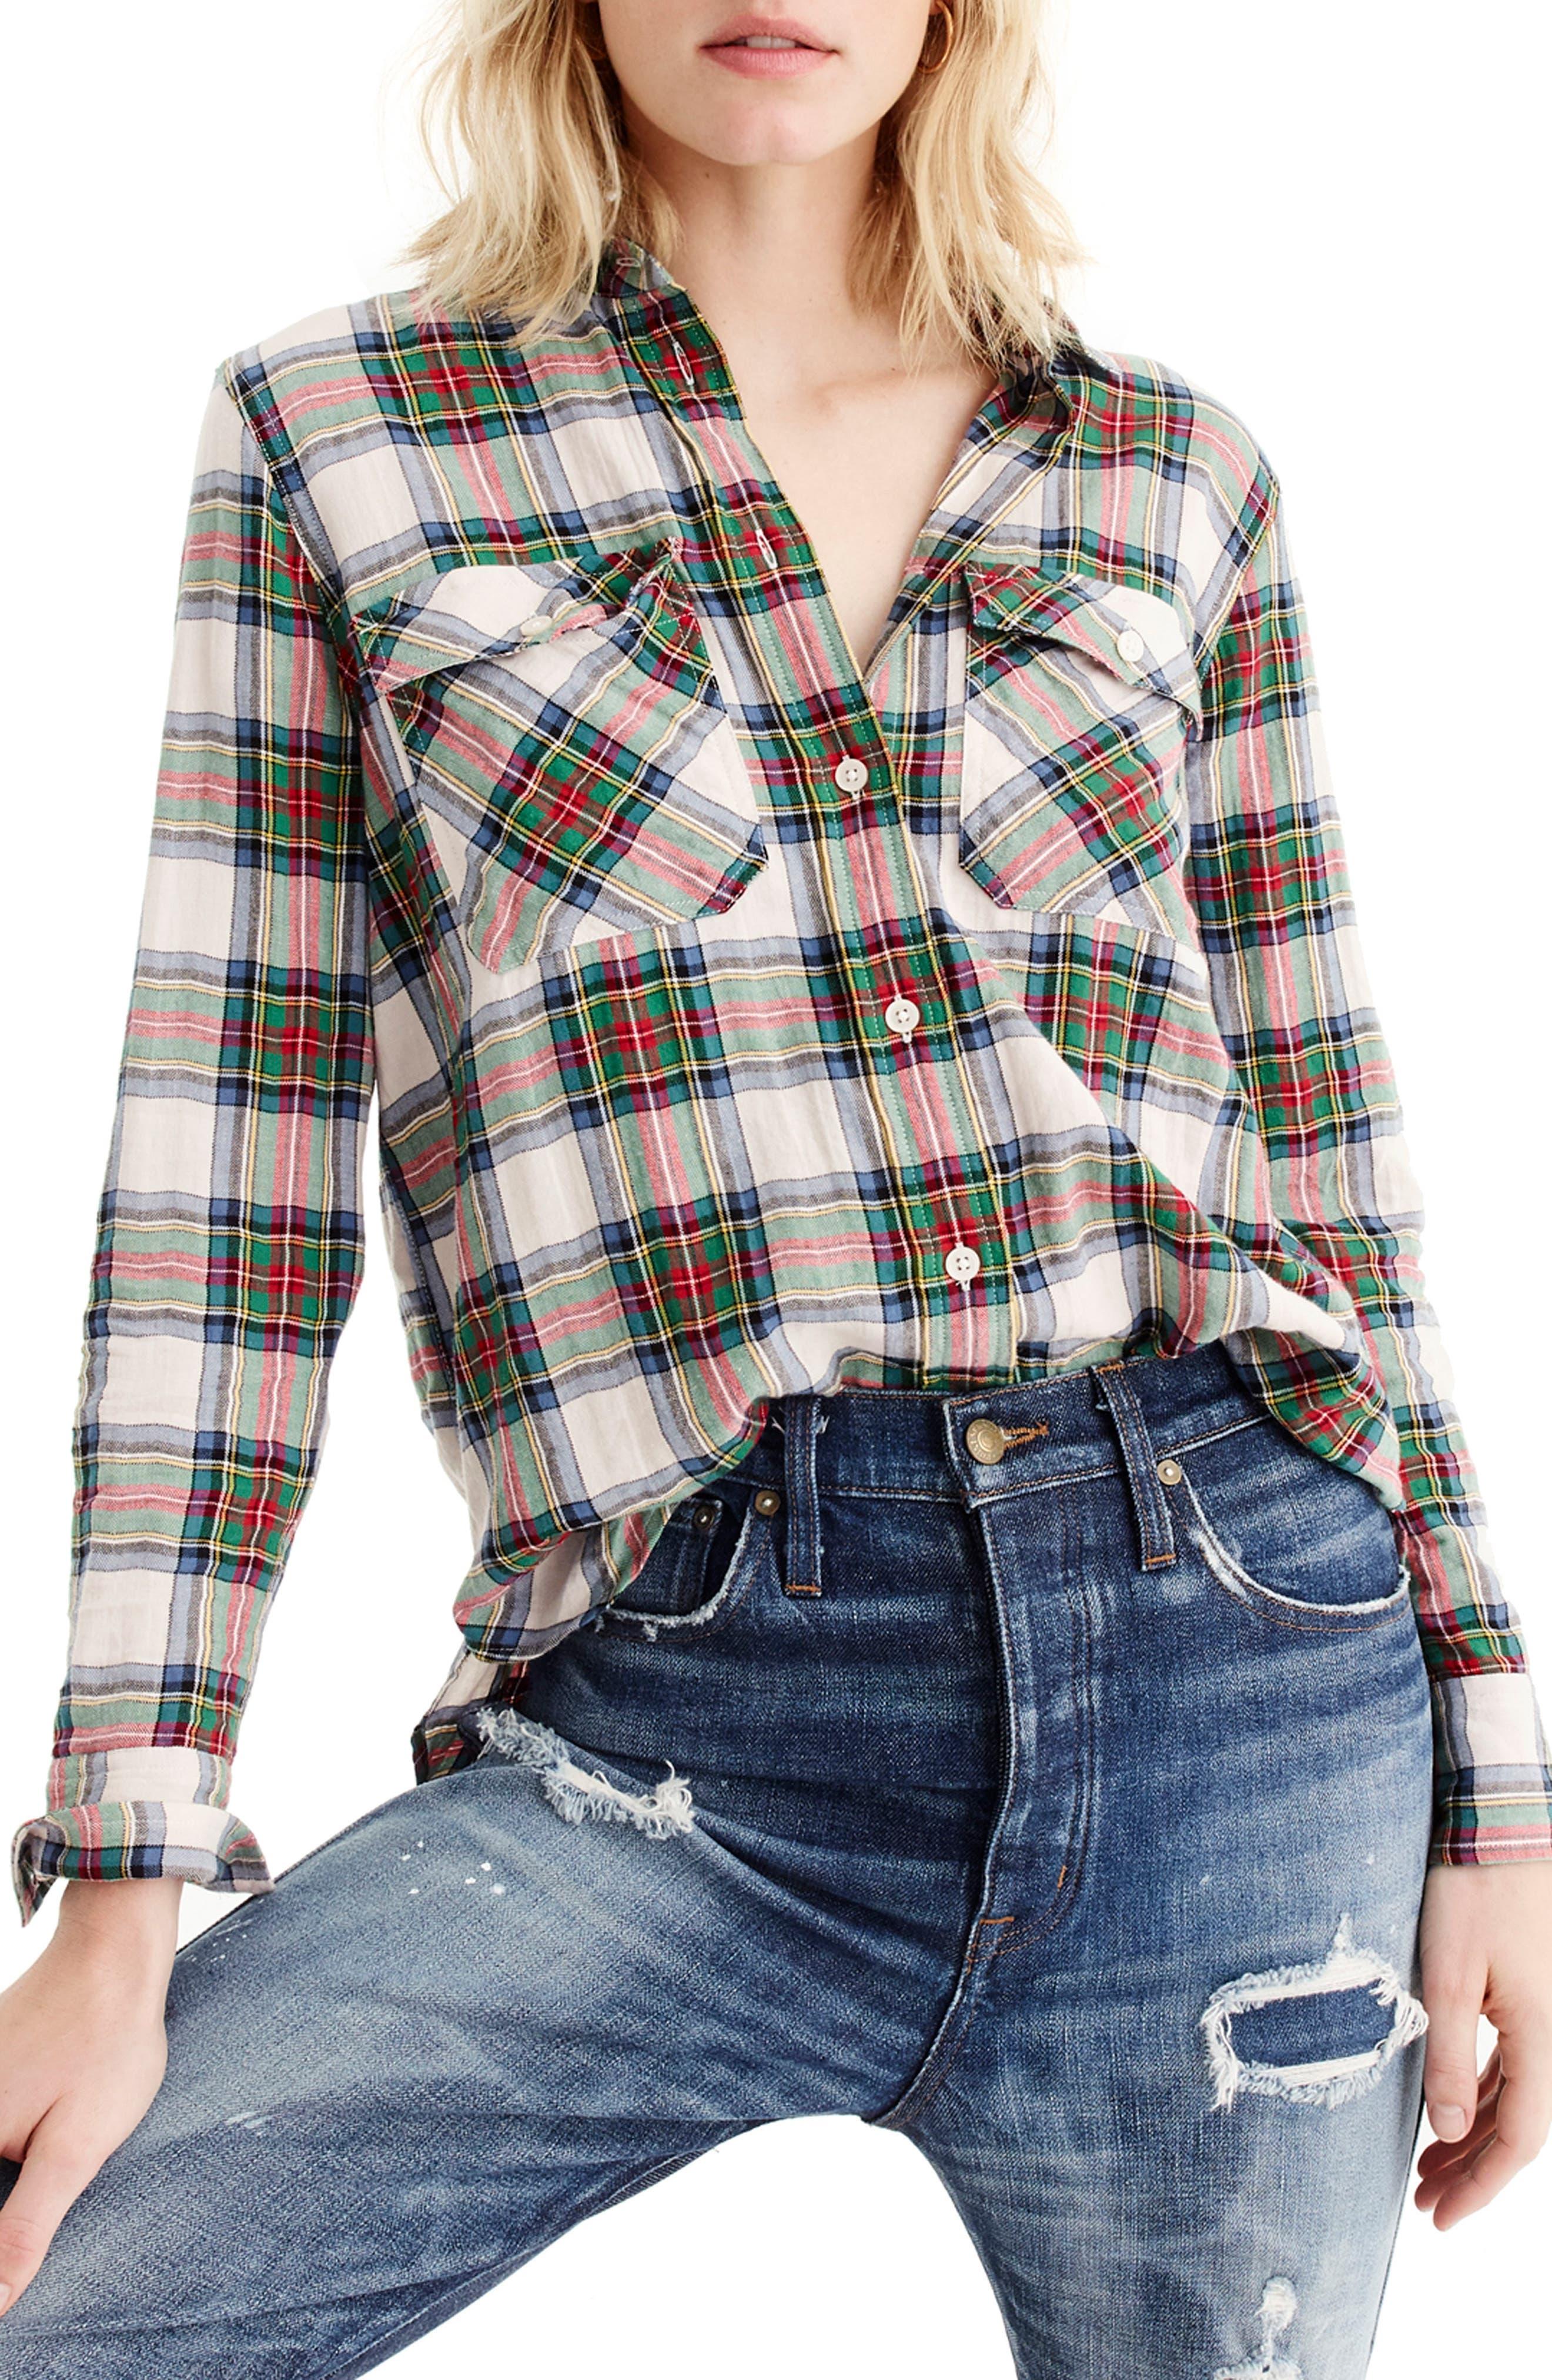 J.crew Stewart Tartan Oversize Button-Up Shirt